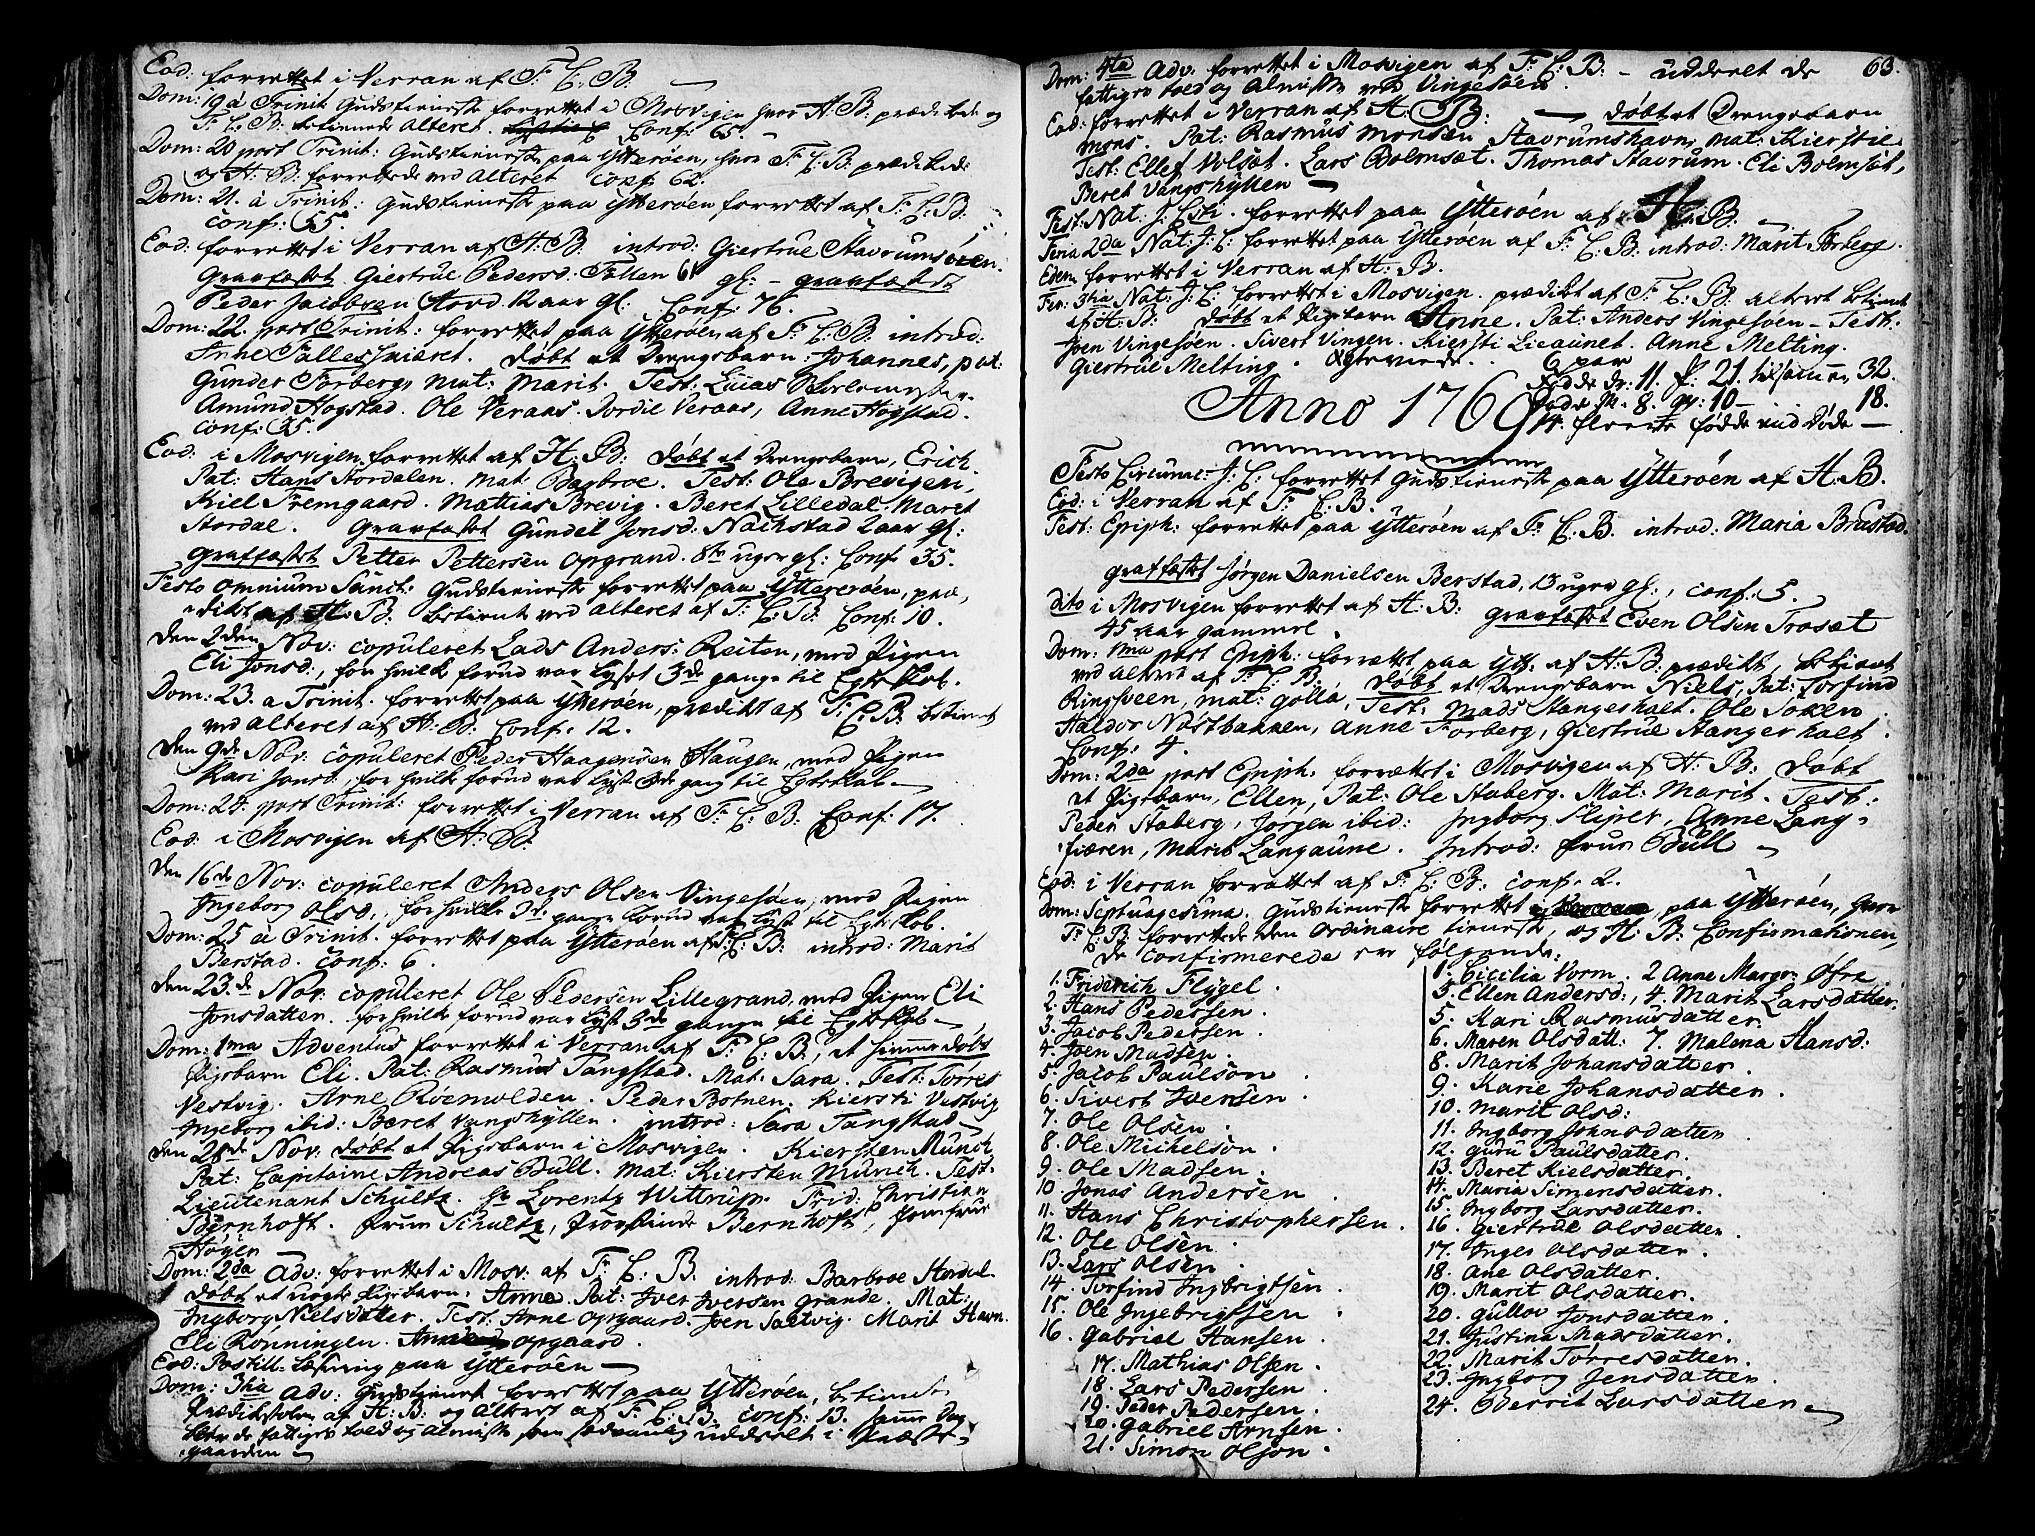 SAT, Ministerialprotokoller, klokkerbøker og fødselsregistre - Nord-Trøndelag, 722/L0216: Ministerialbok nr. 722A03, 1756-1816, s. 63